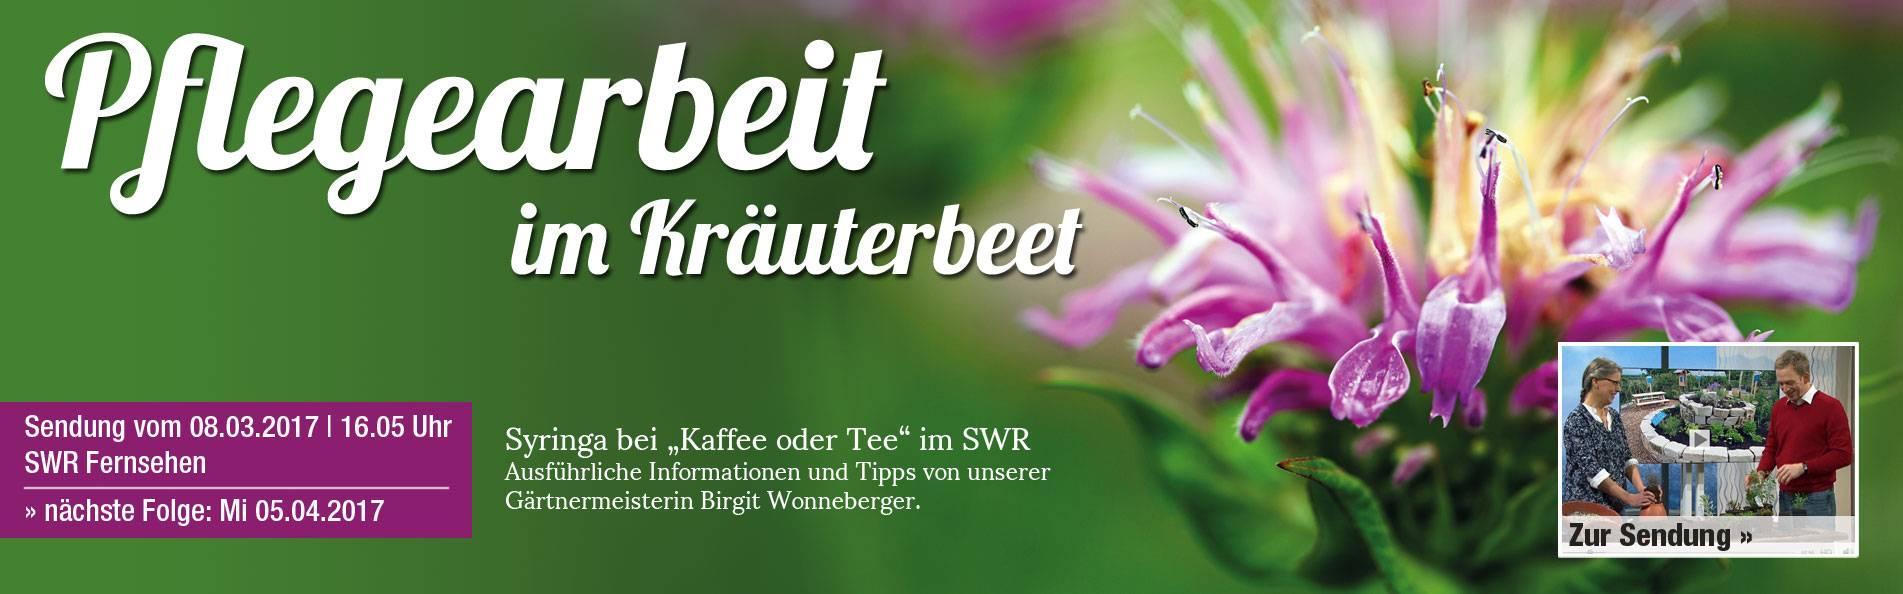 SWR_Beetpflege